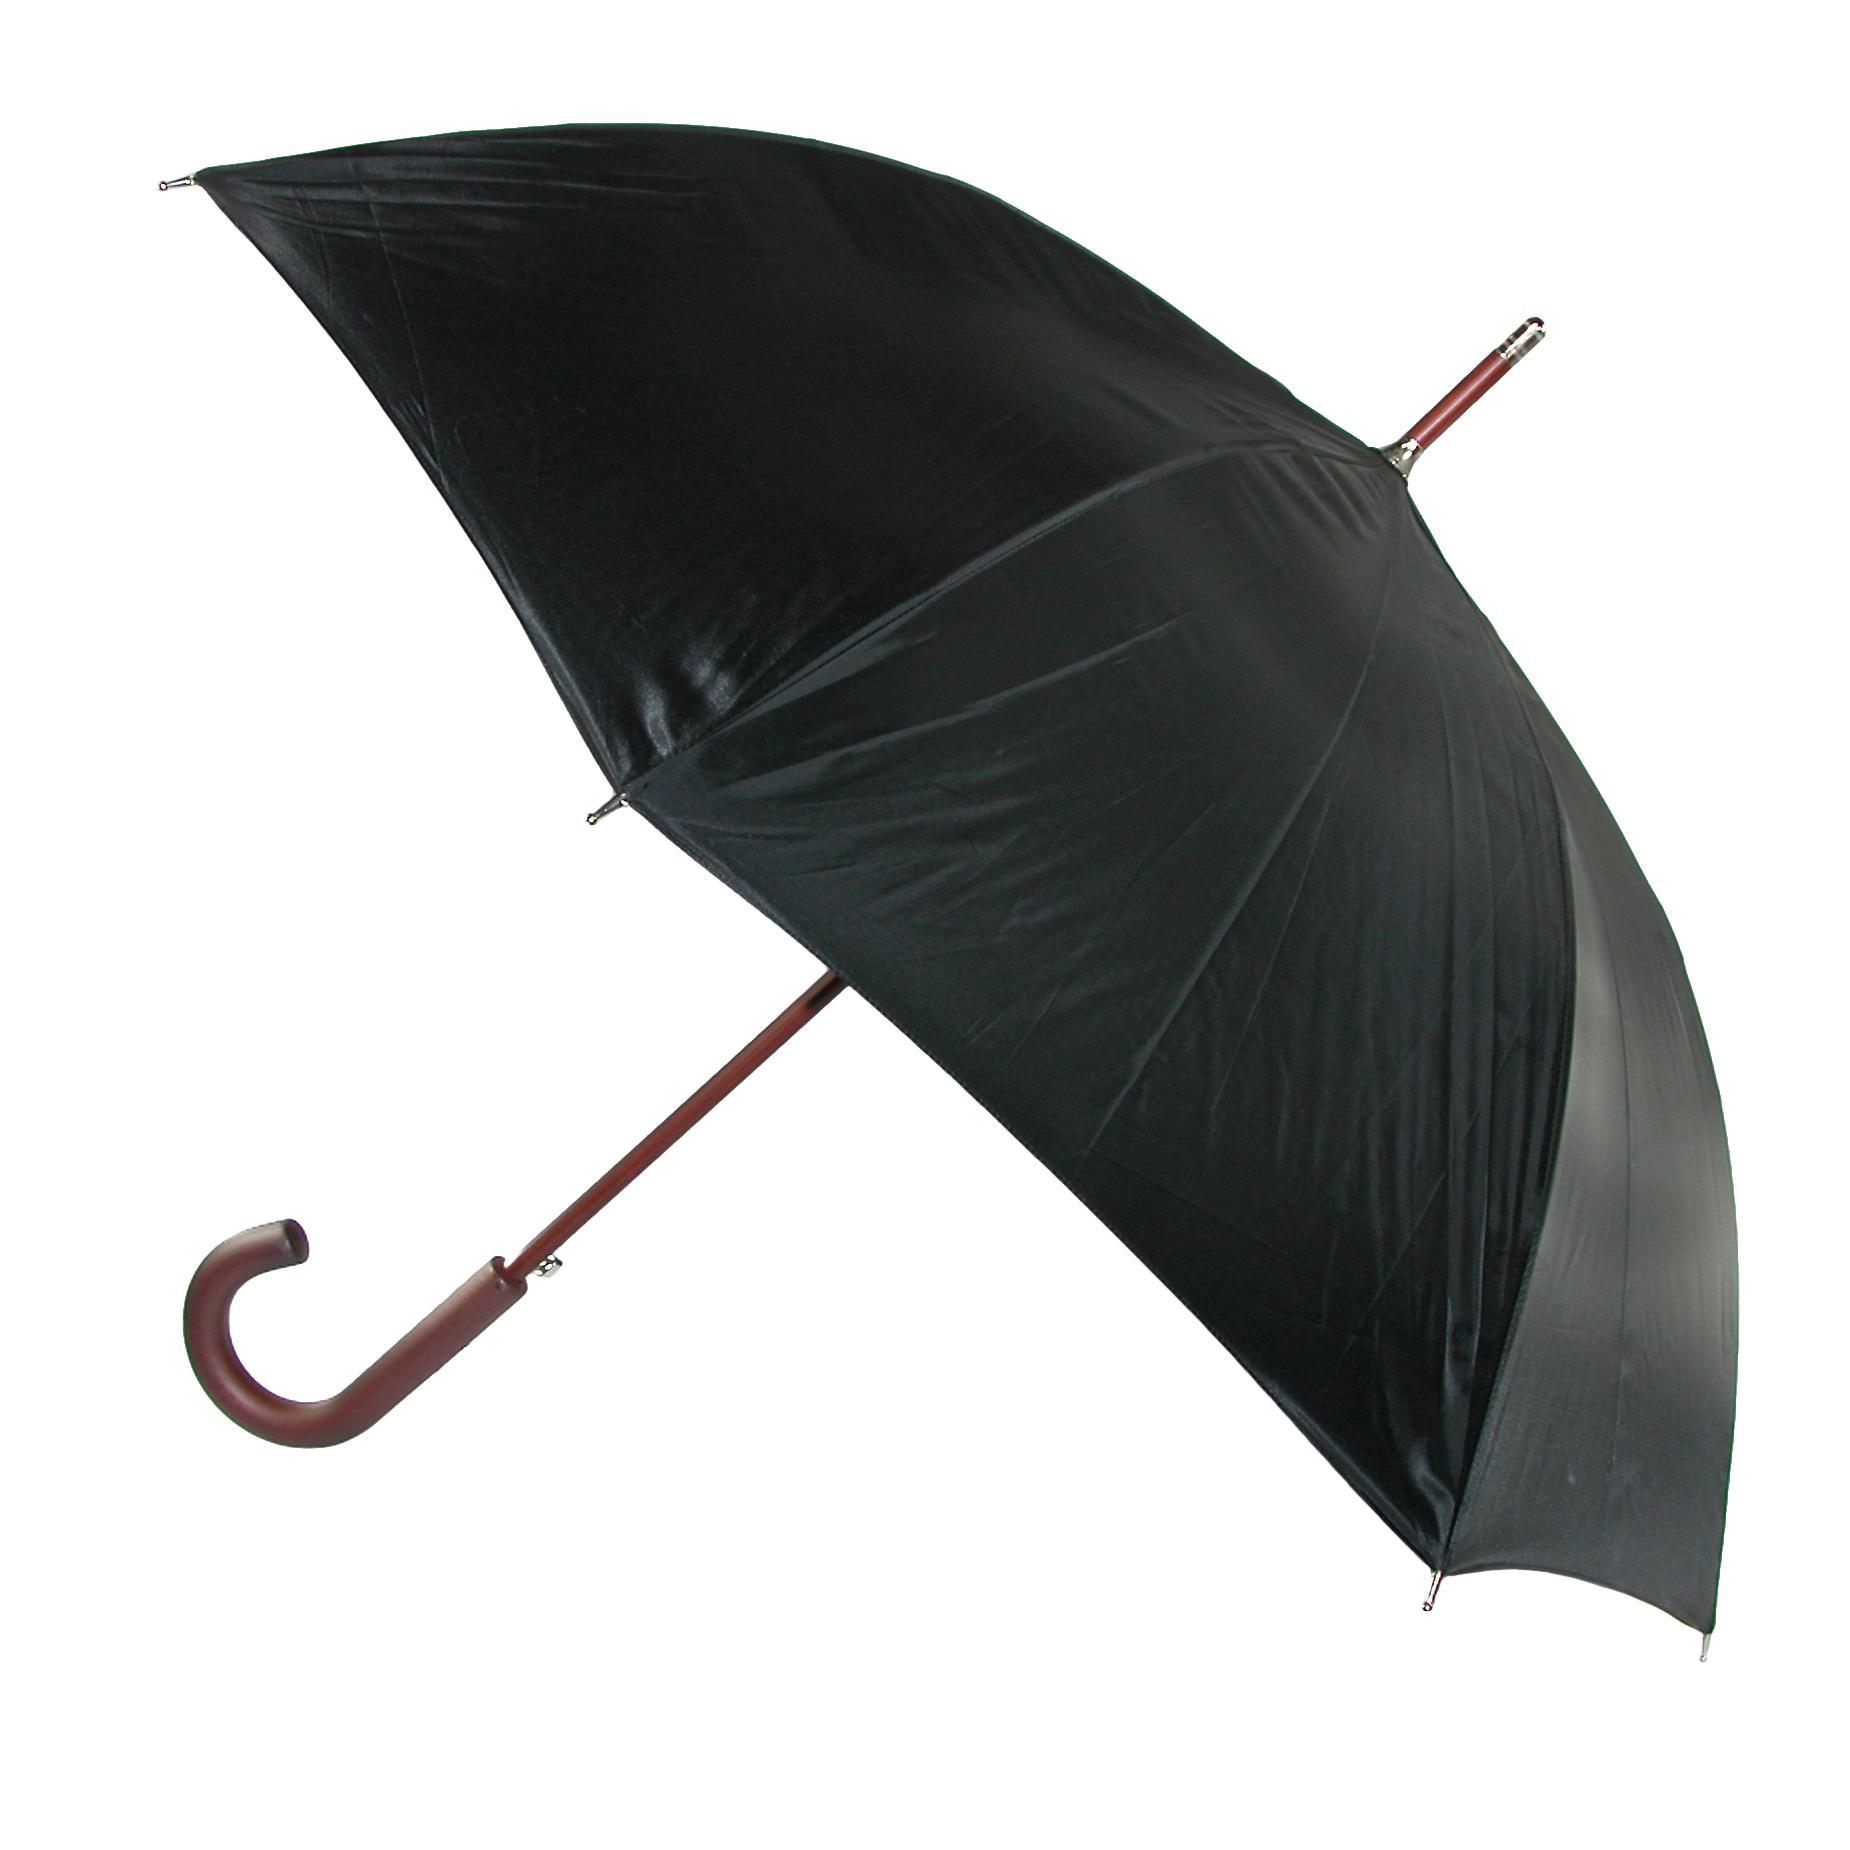 Totes Wooden Hook Handle 38 Inch Stick Umbrella